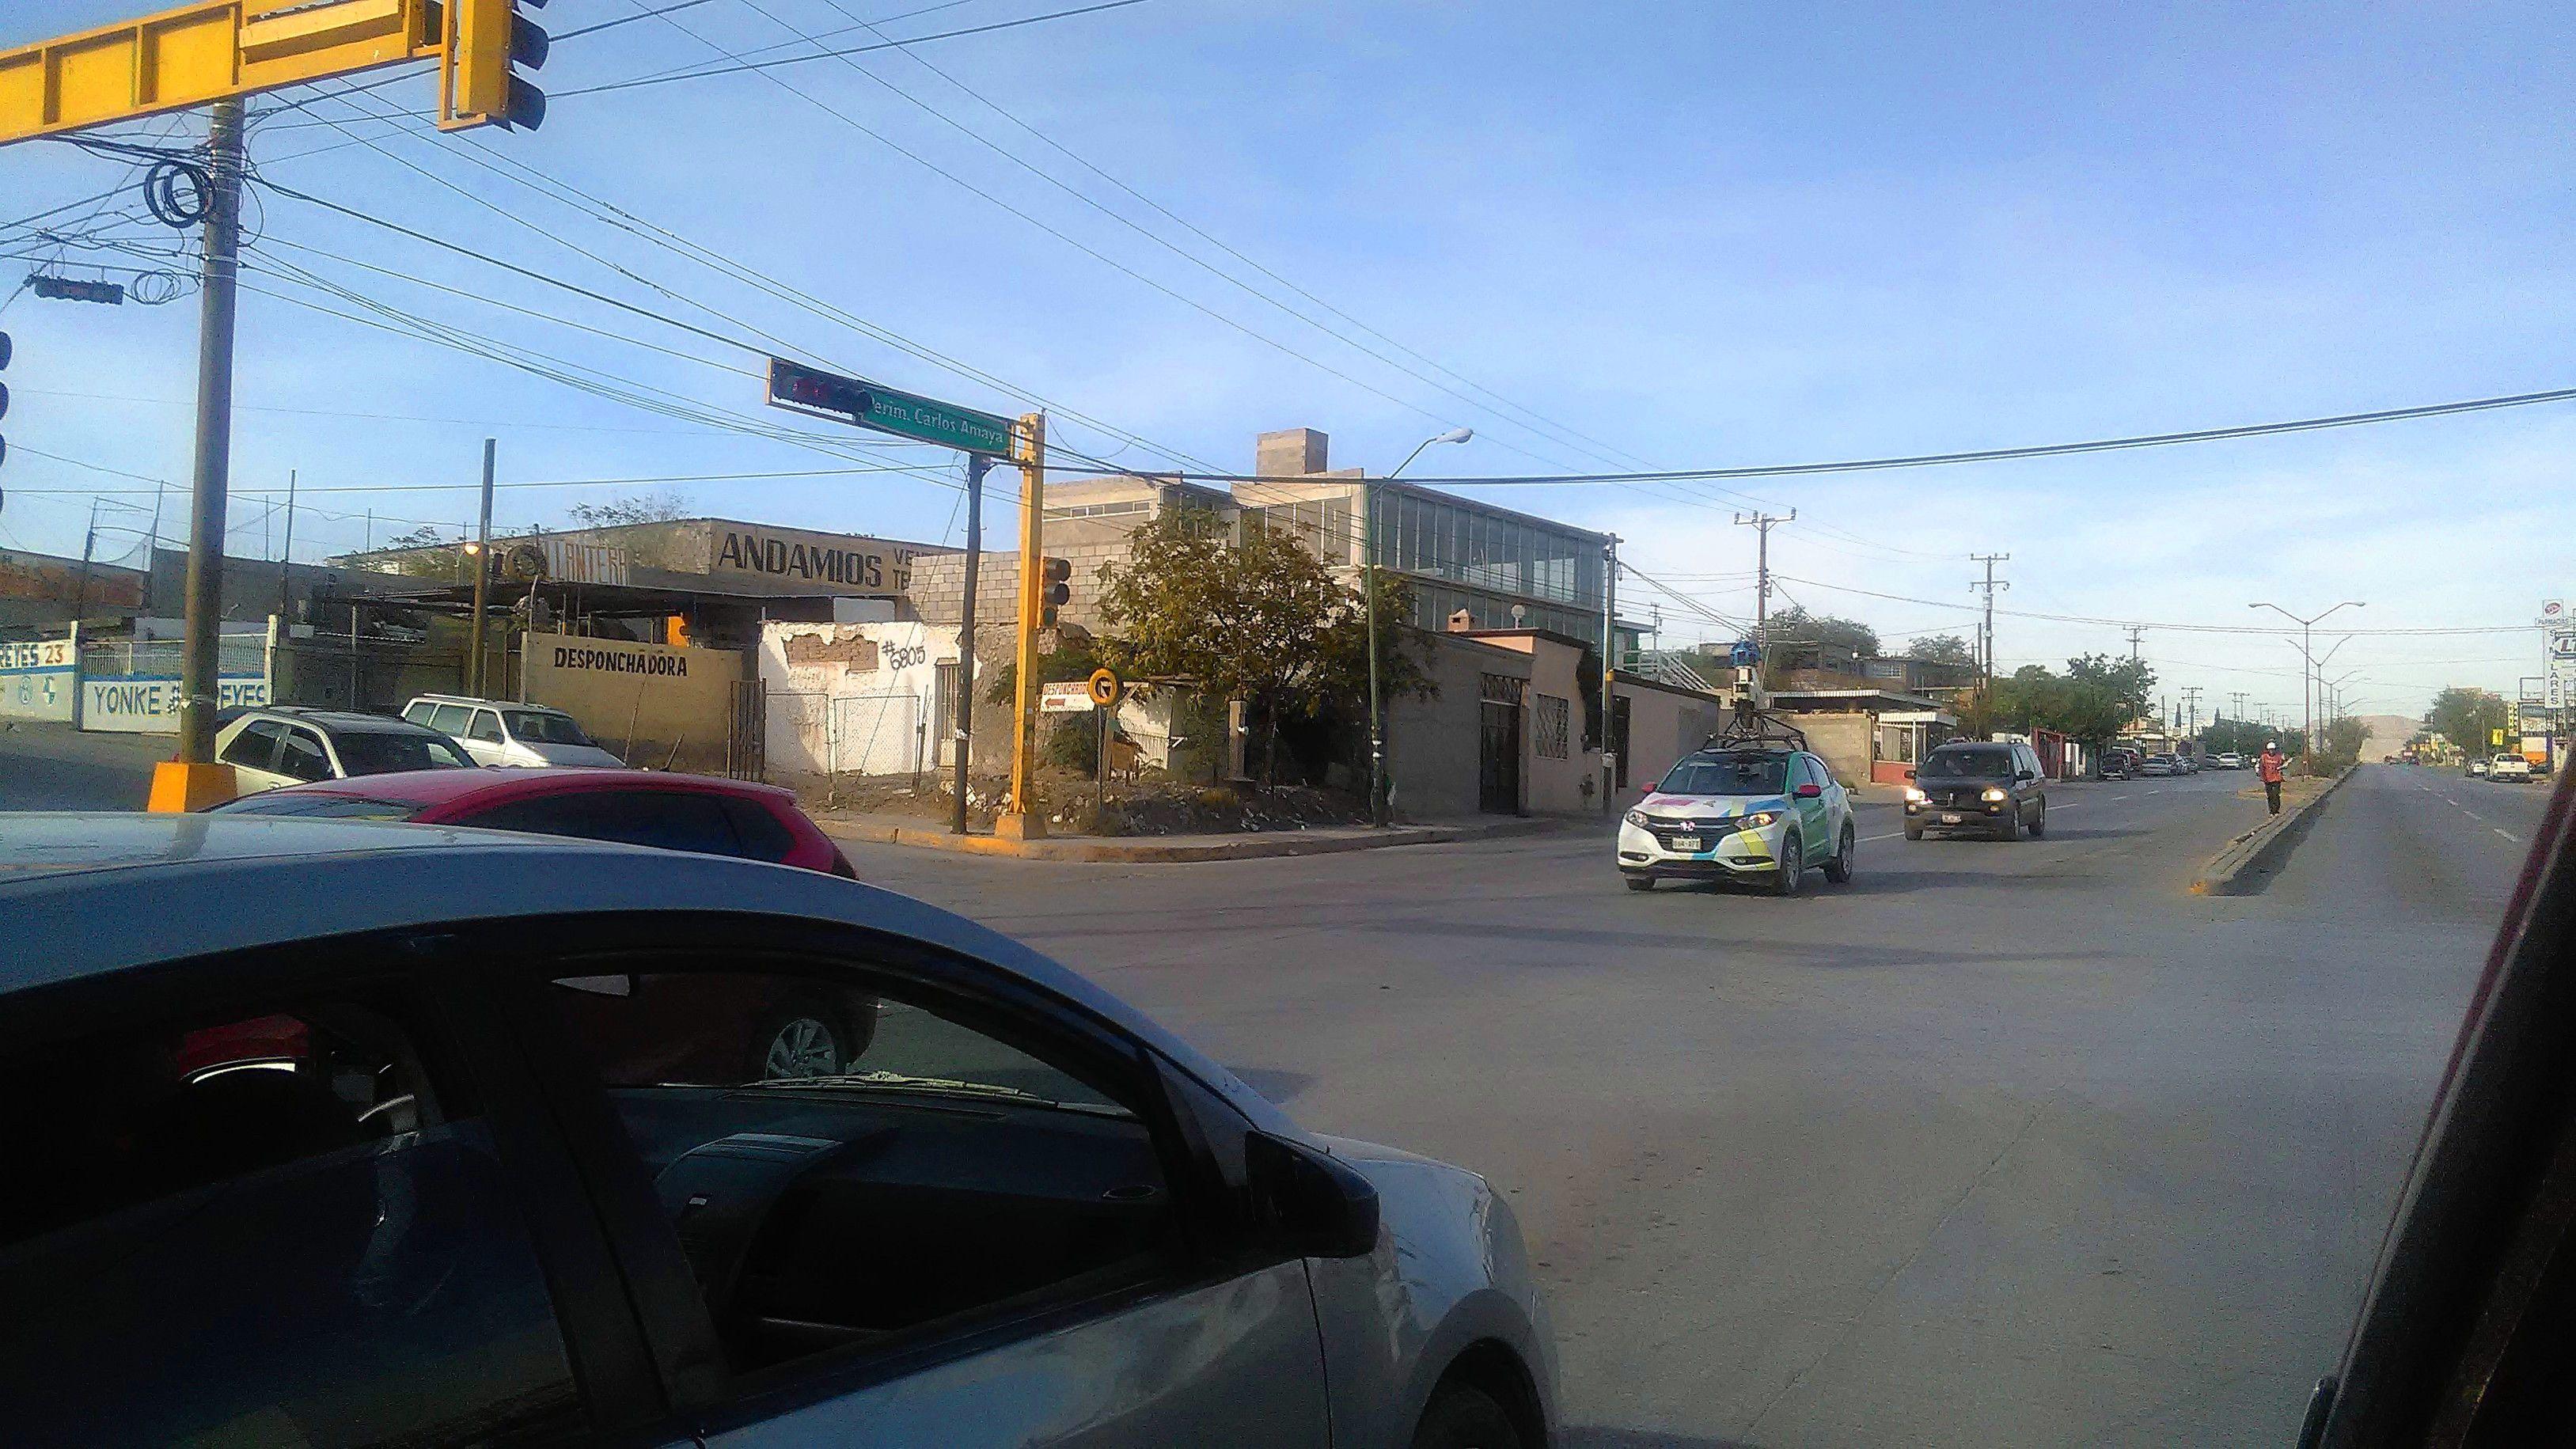 Carro De Google Maps En Ciudad Juarez Chihuahua Mexico 2018 Ciudad Juarez Chihuahua Chihuahua Mexico Chihuahua